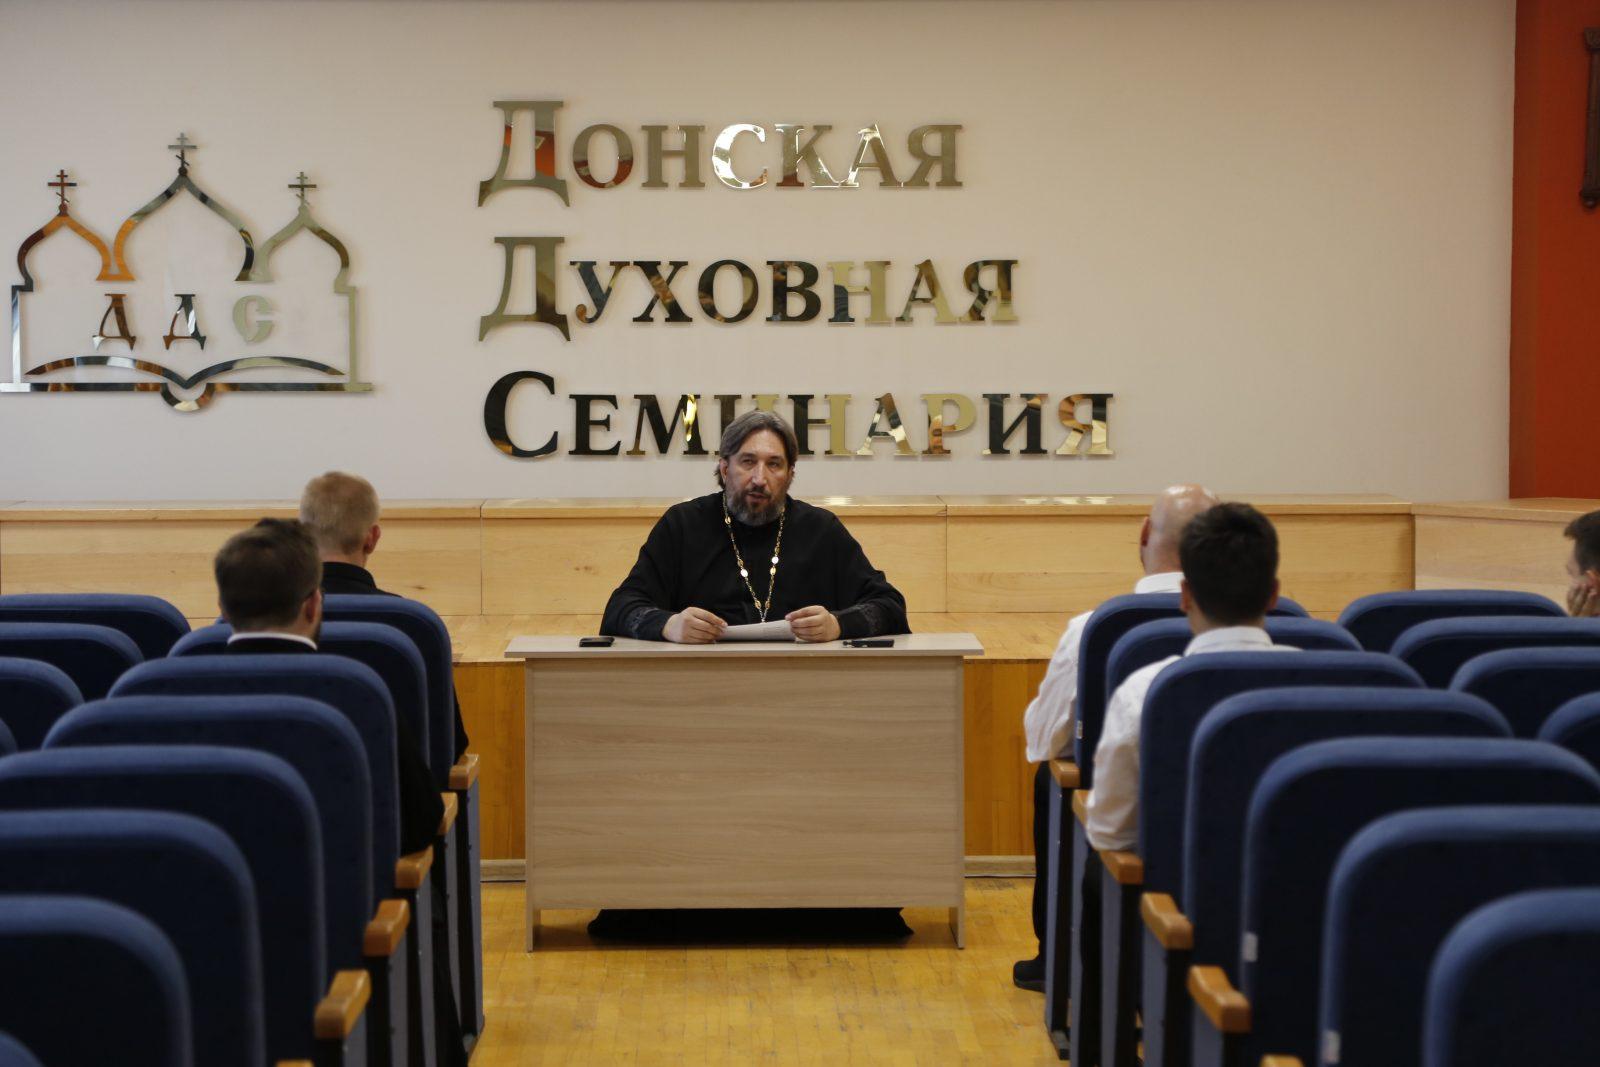 В Донской духовной семинарии прошли мероприятия, посвященные началу учебного года